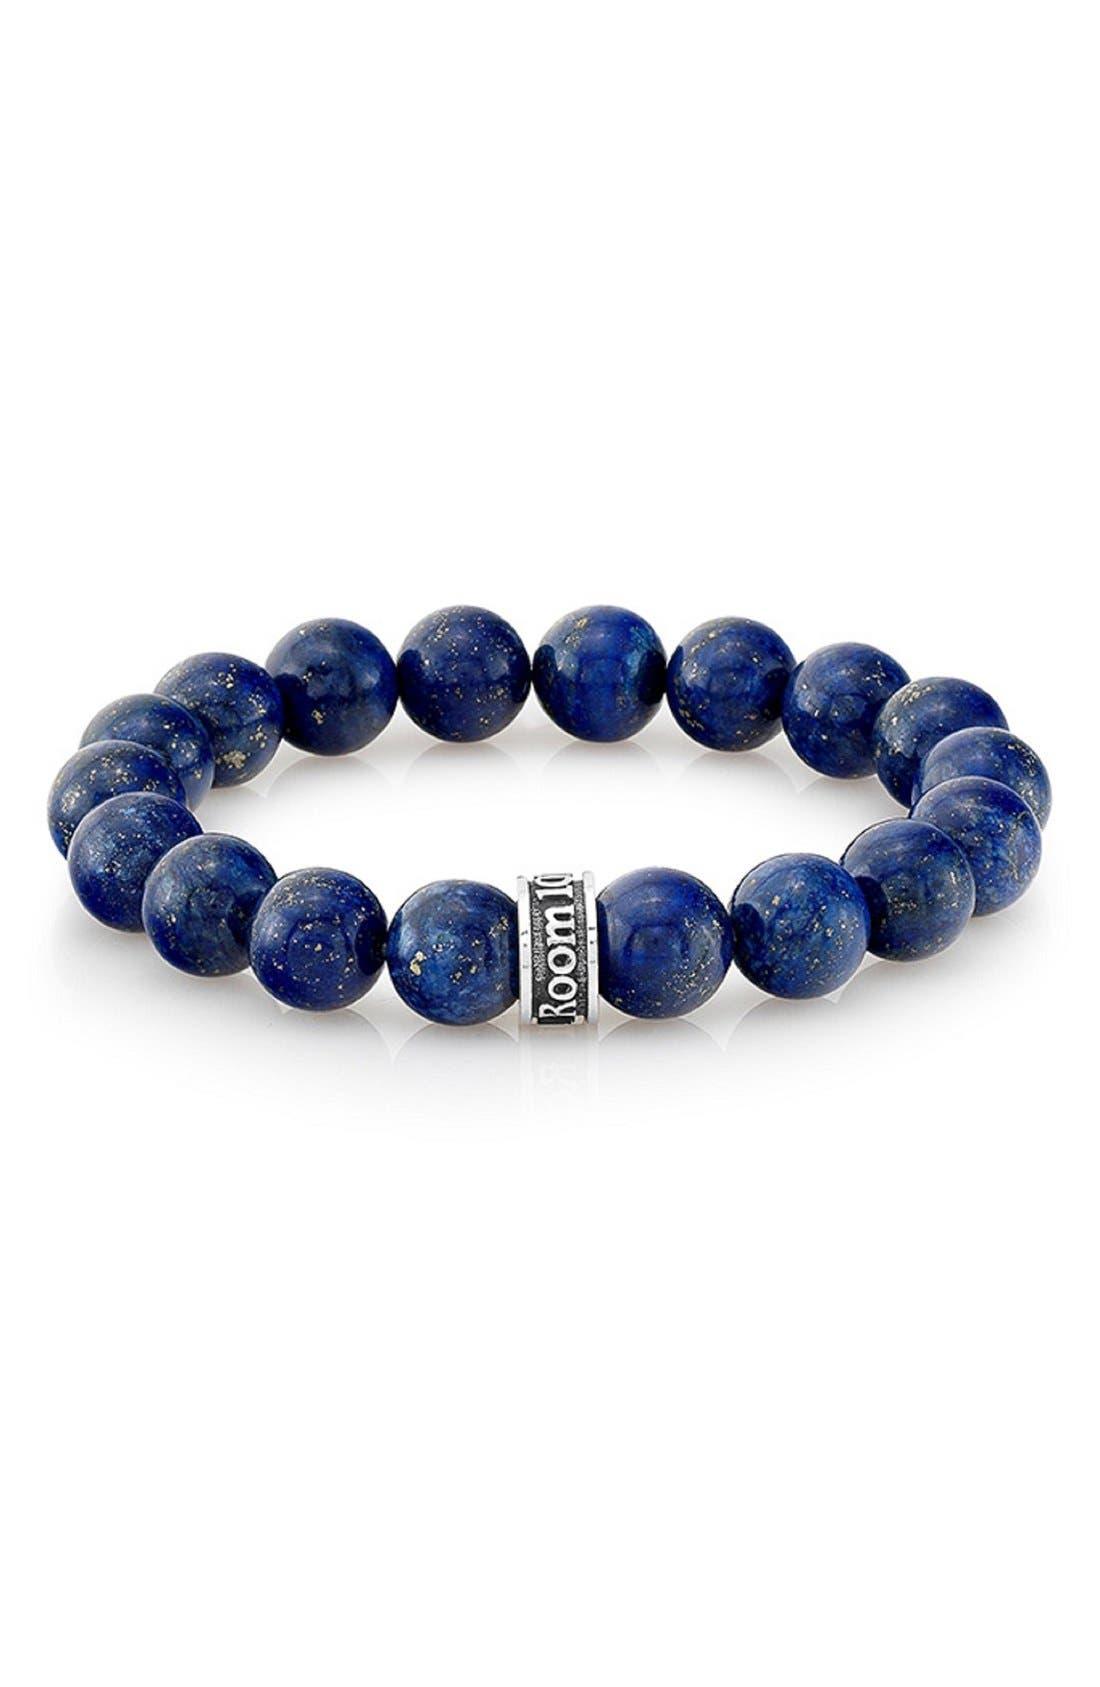 Lapis Lazuli Bead Bracelet,                         Main,                         color, 401